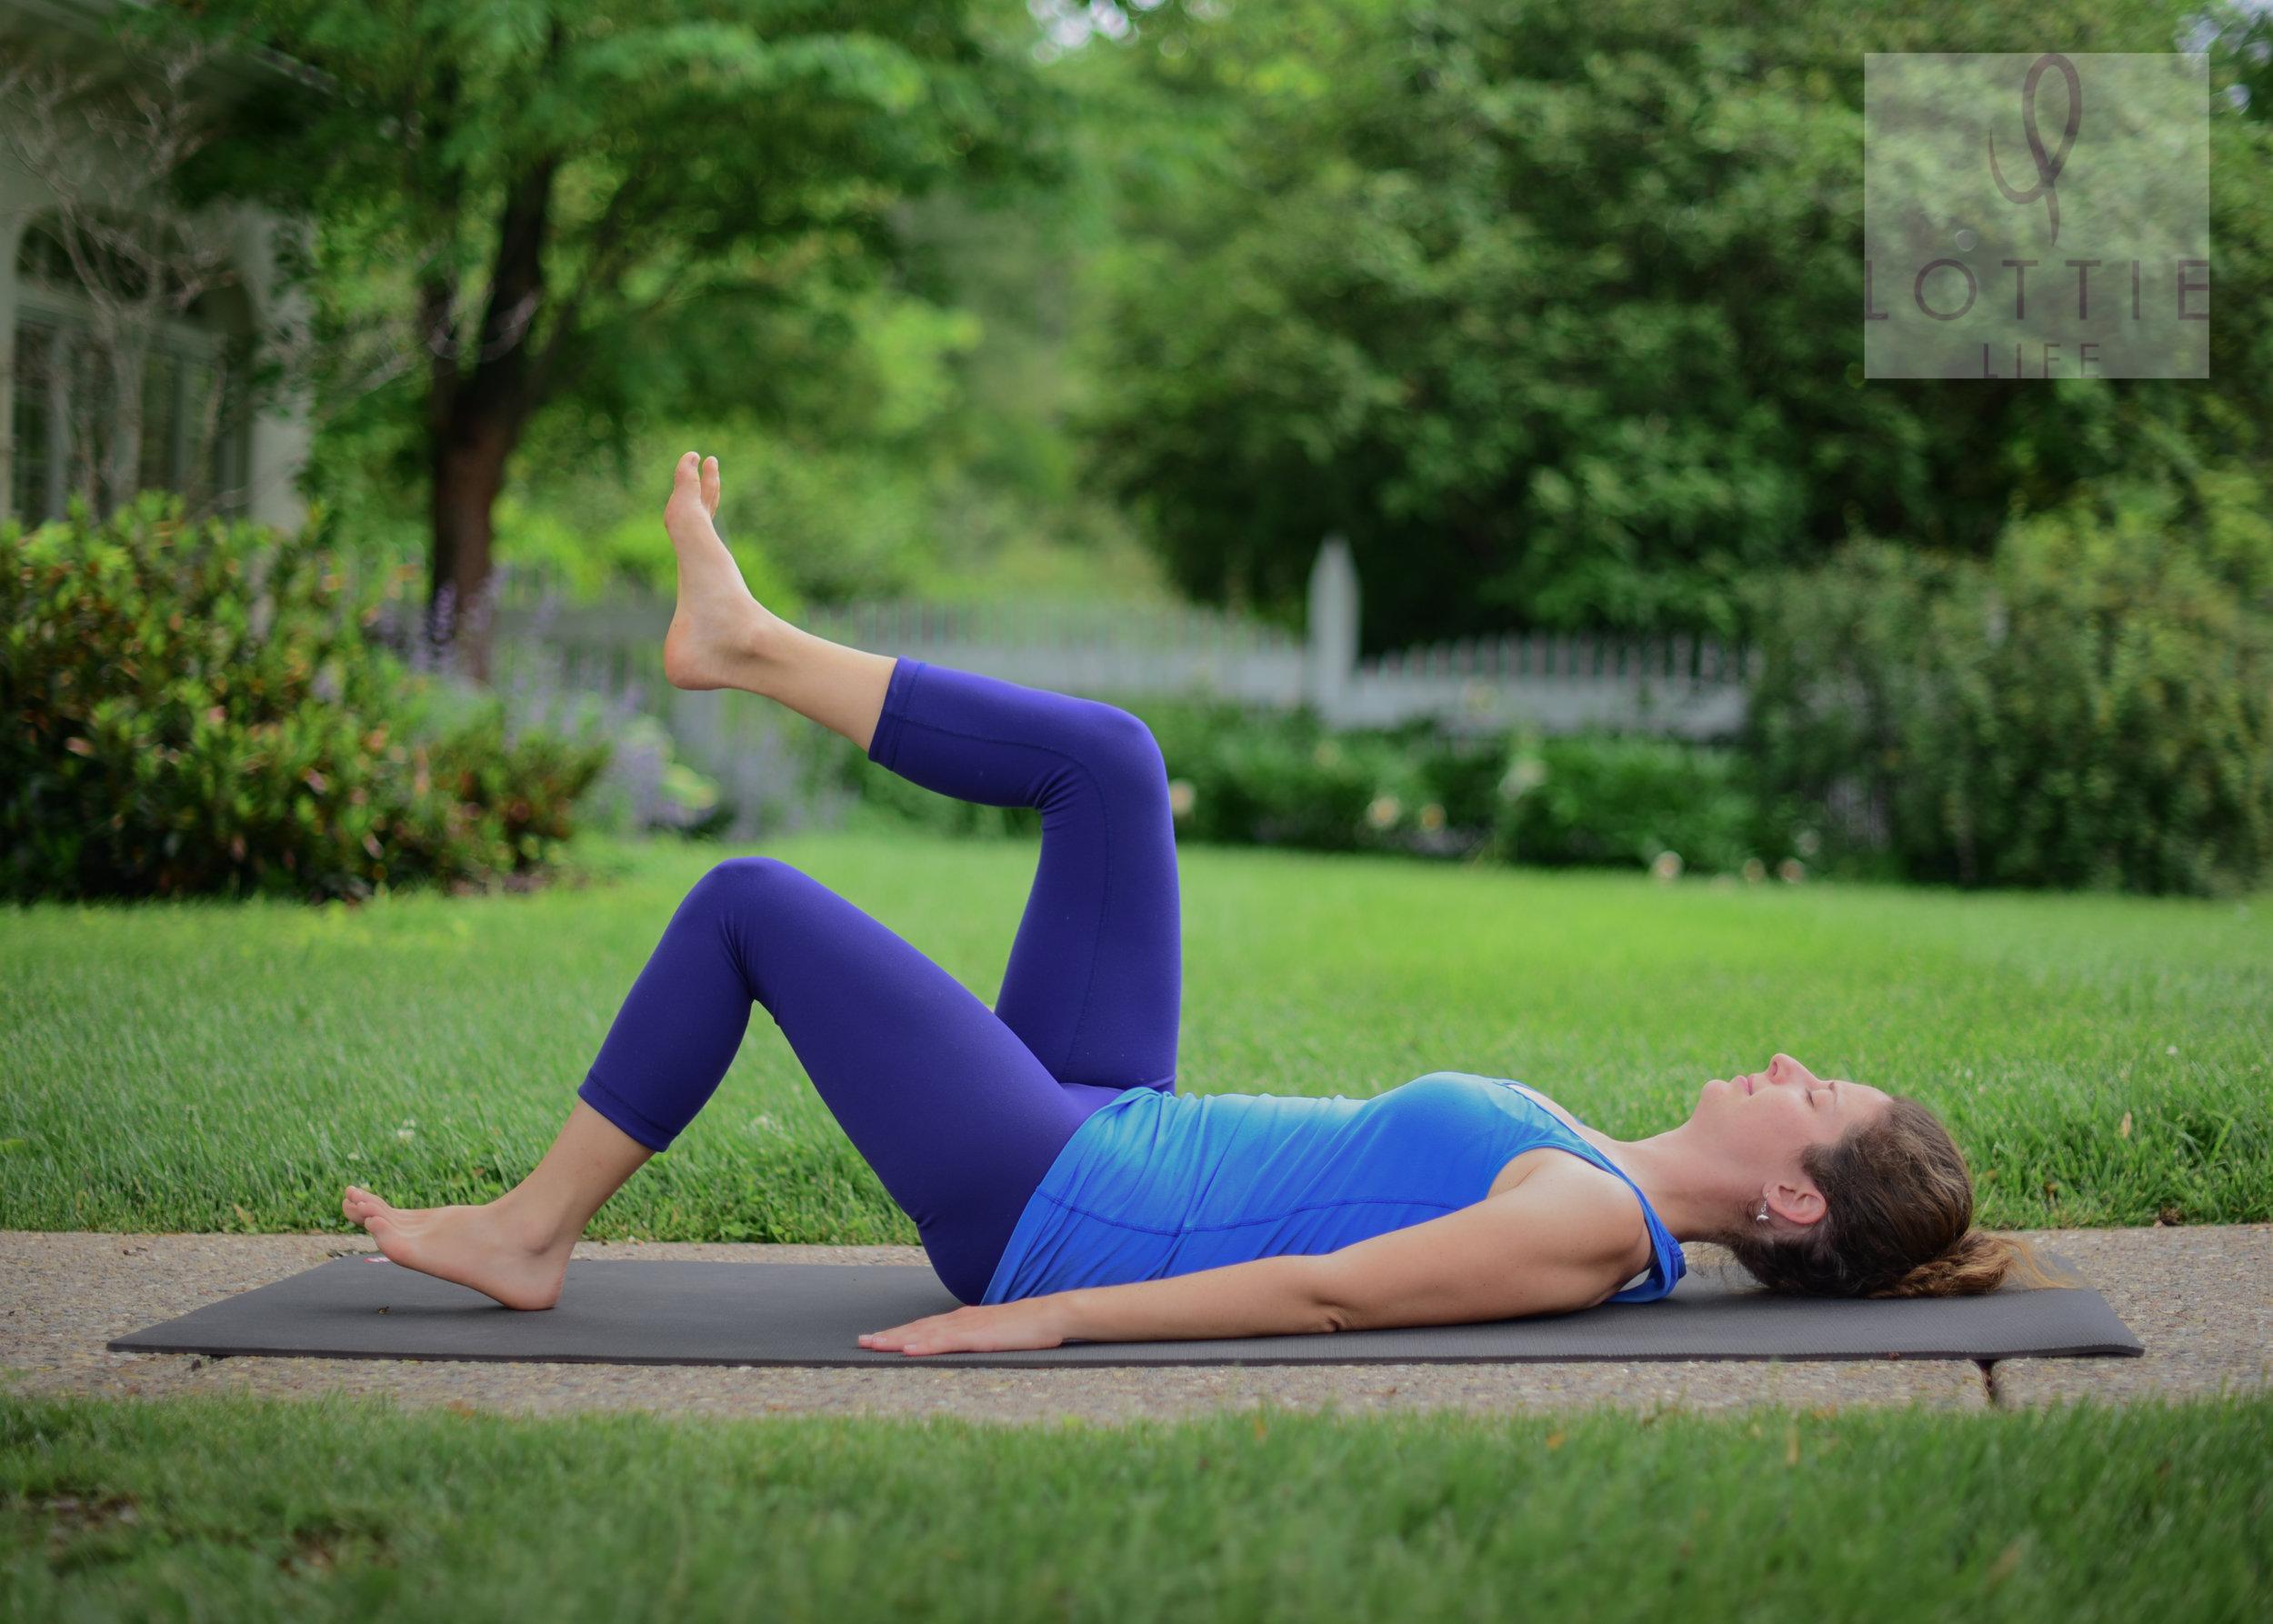 Lottie Life_Abs Part 2_Exercise 5b_Heel Taps.jpg